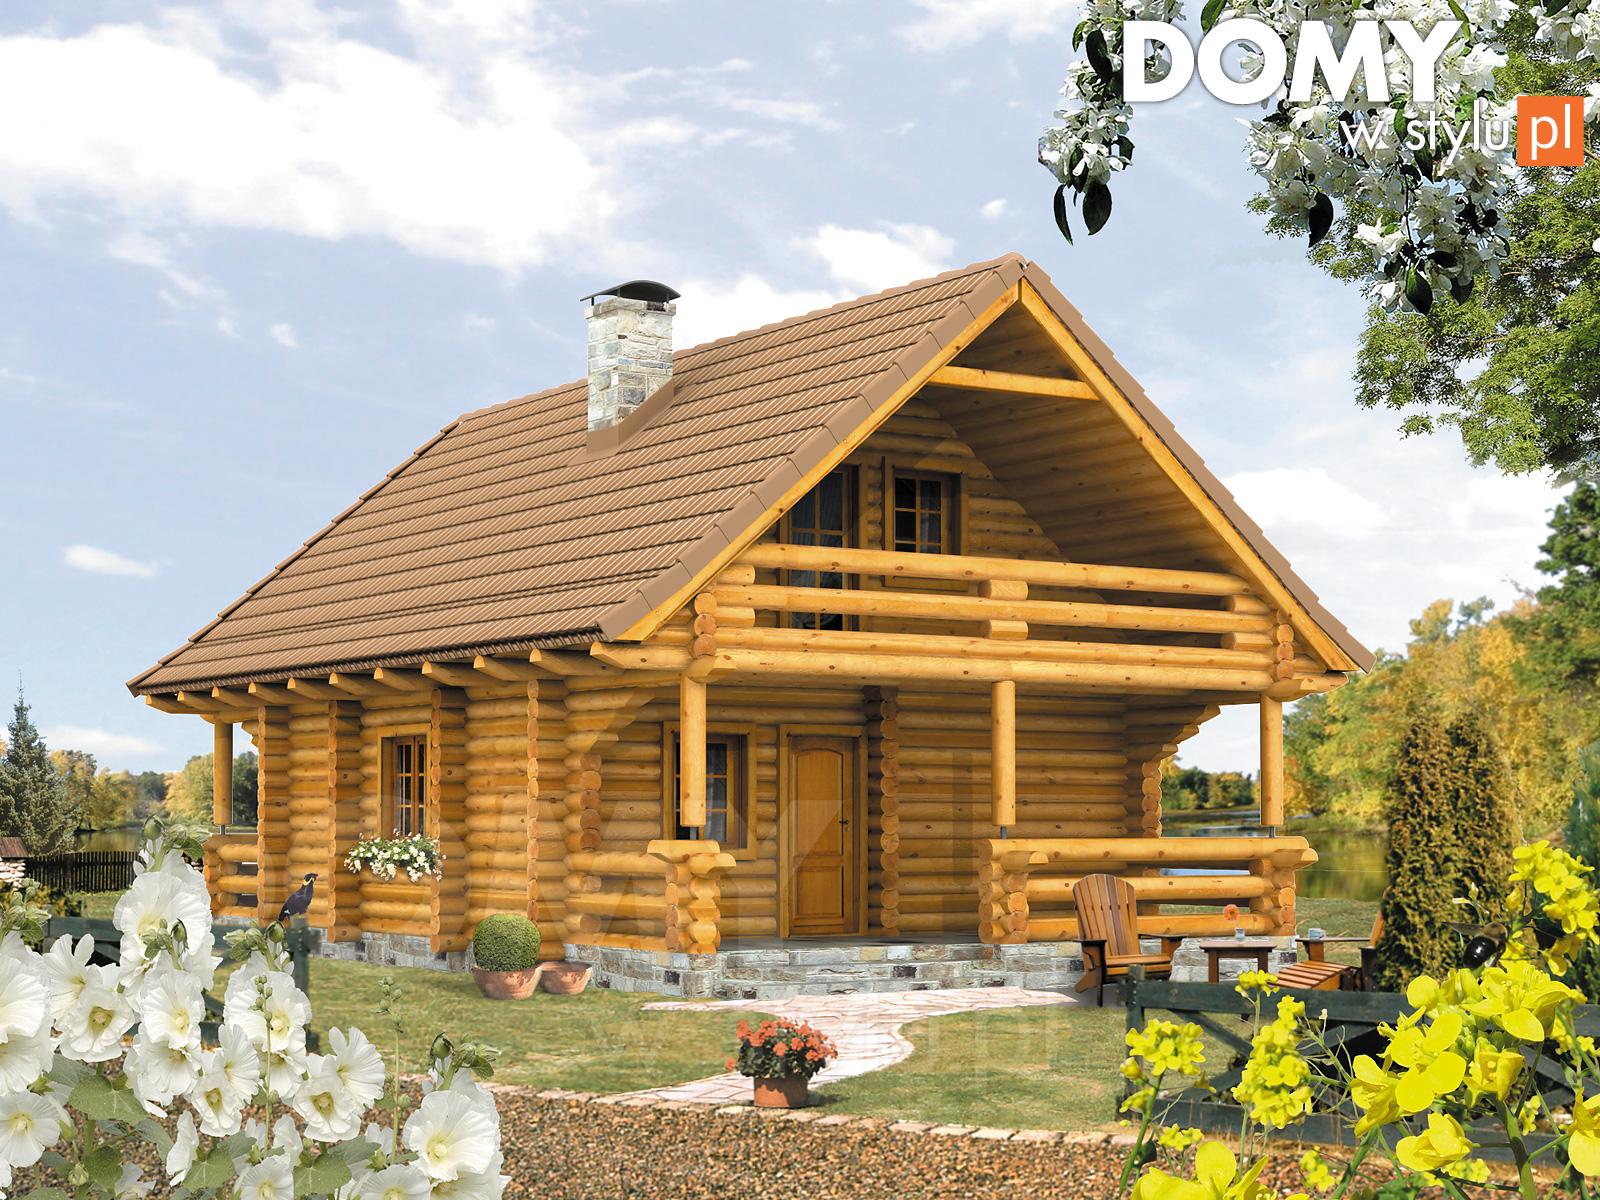 Projekty domów szkieletowych. Ile kosztuje budowa drewnianego domu?